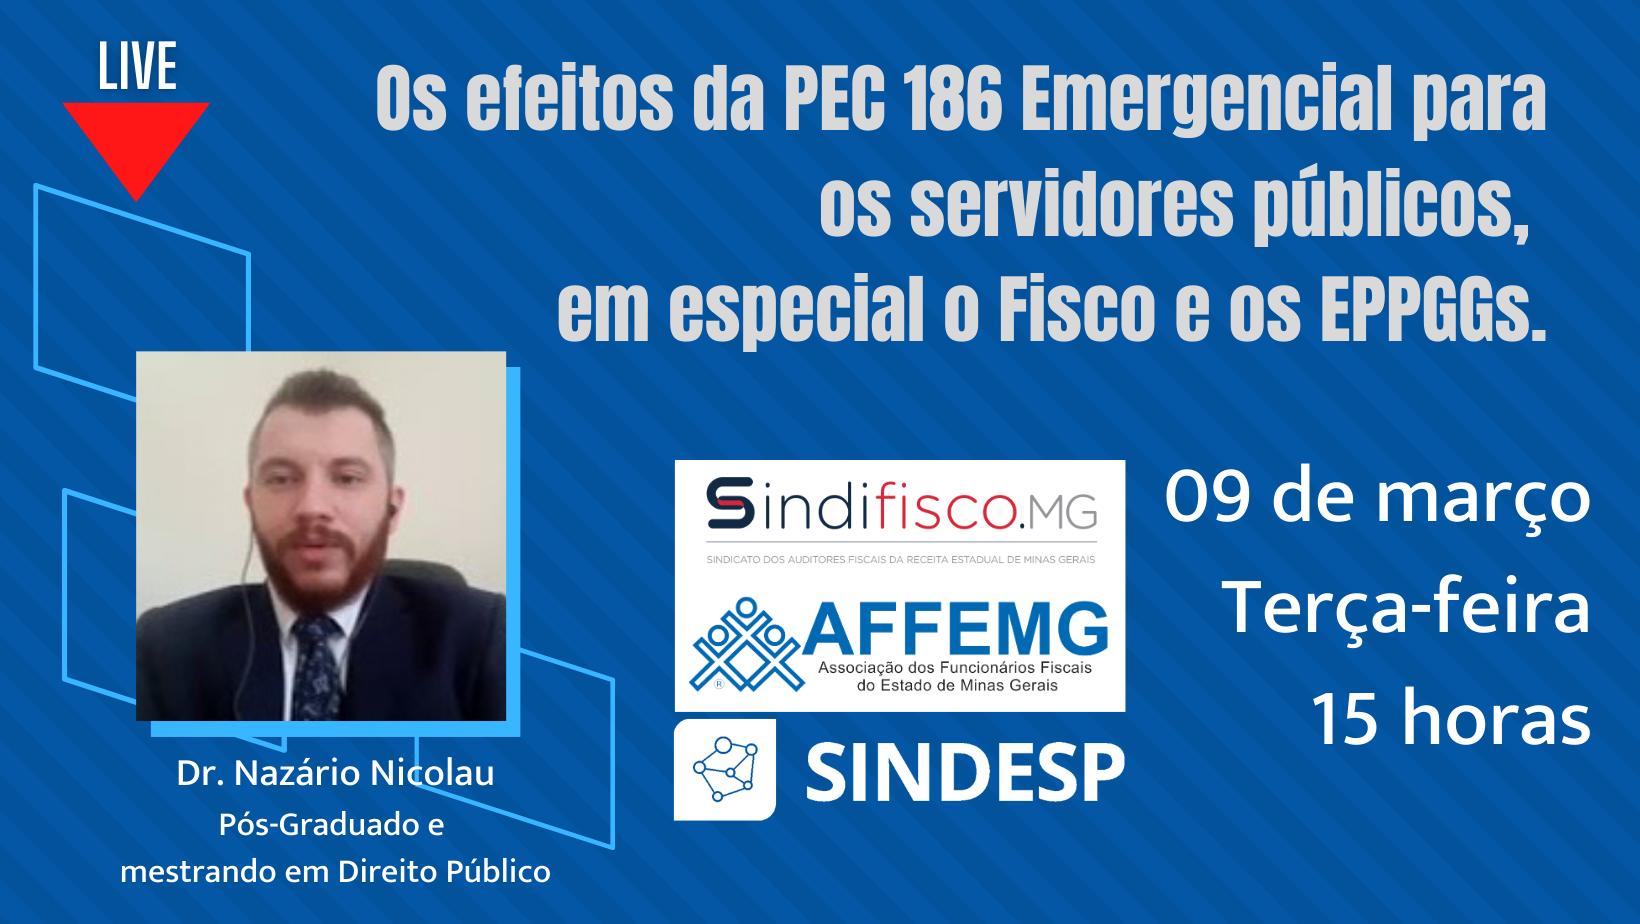 Live dia 9/3: efeitos da PEC 186 Emergencial para os servidores públicos, em especial o Fisco e os EPPGGs.